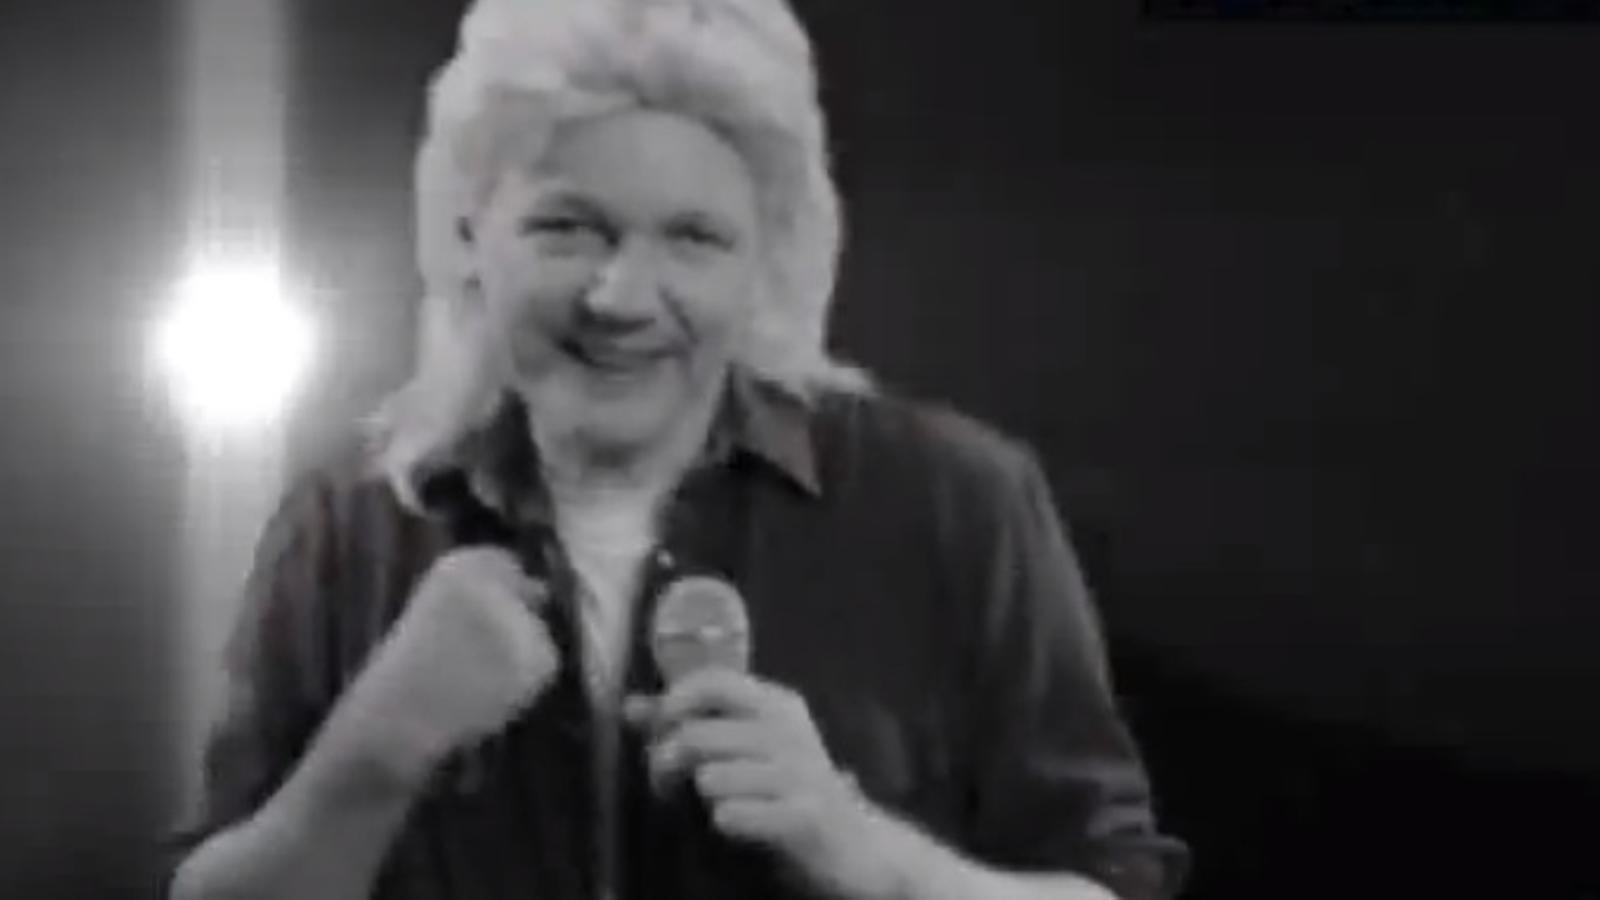 Assange, cantant i amb perruca: el fundador de Wikileaks vol ser senador a Austràlia